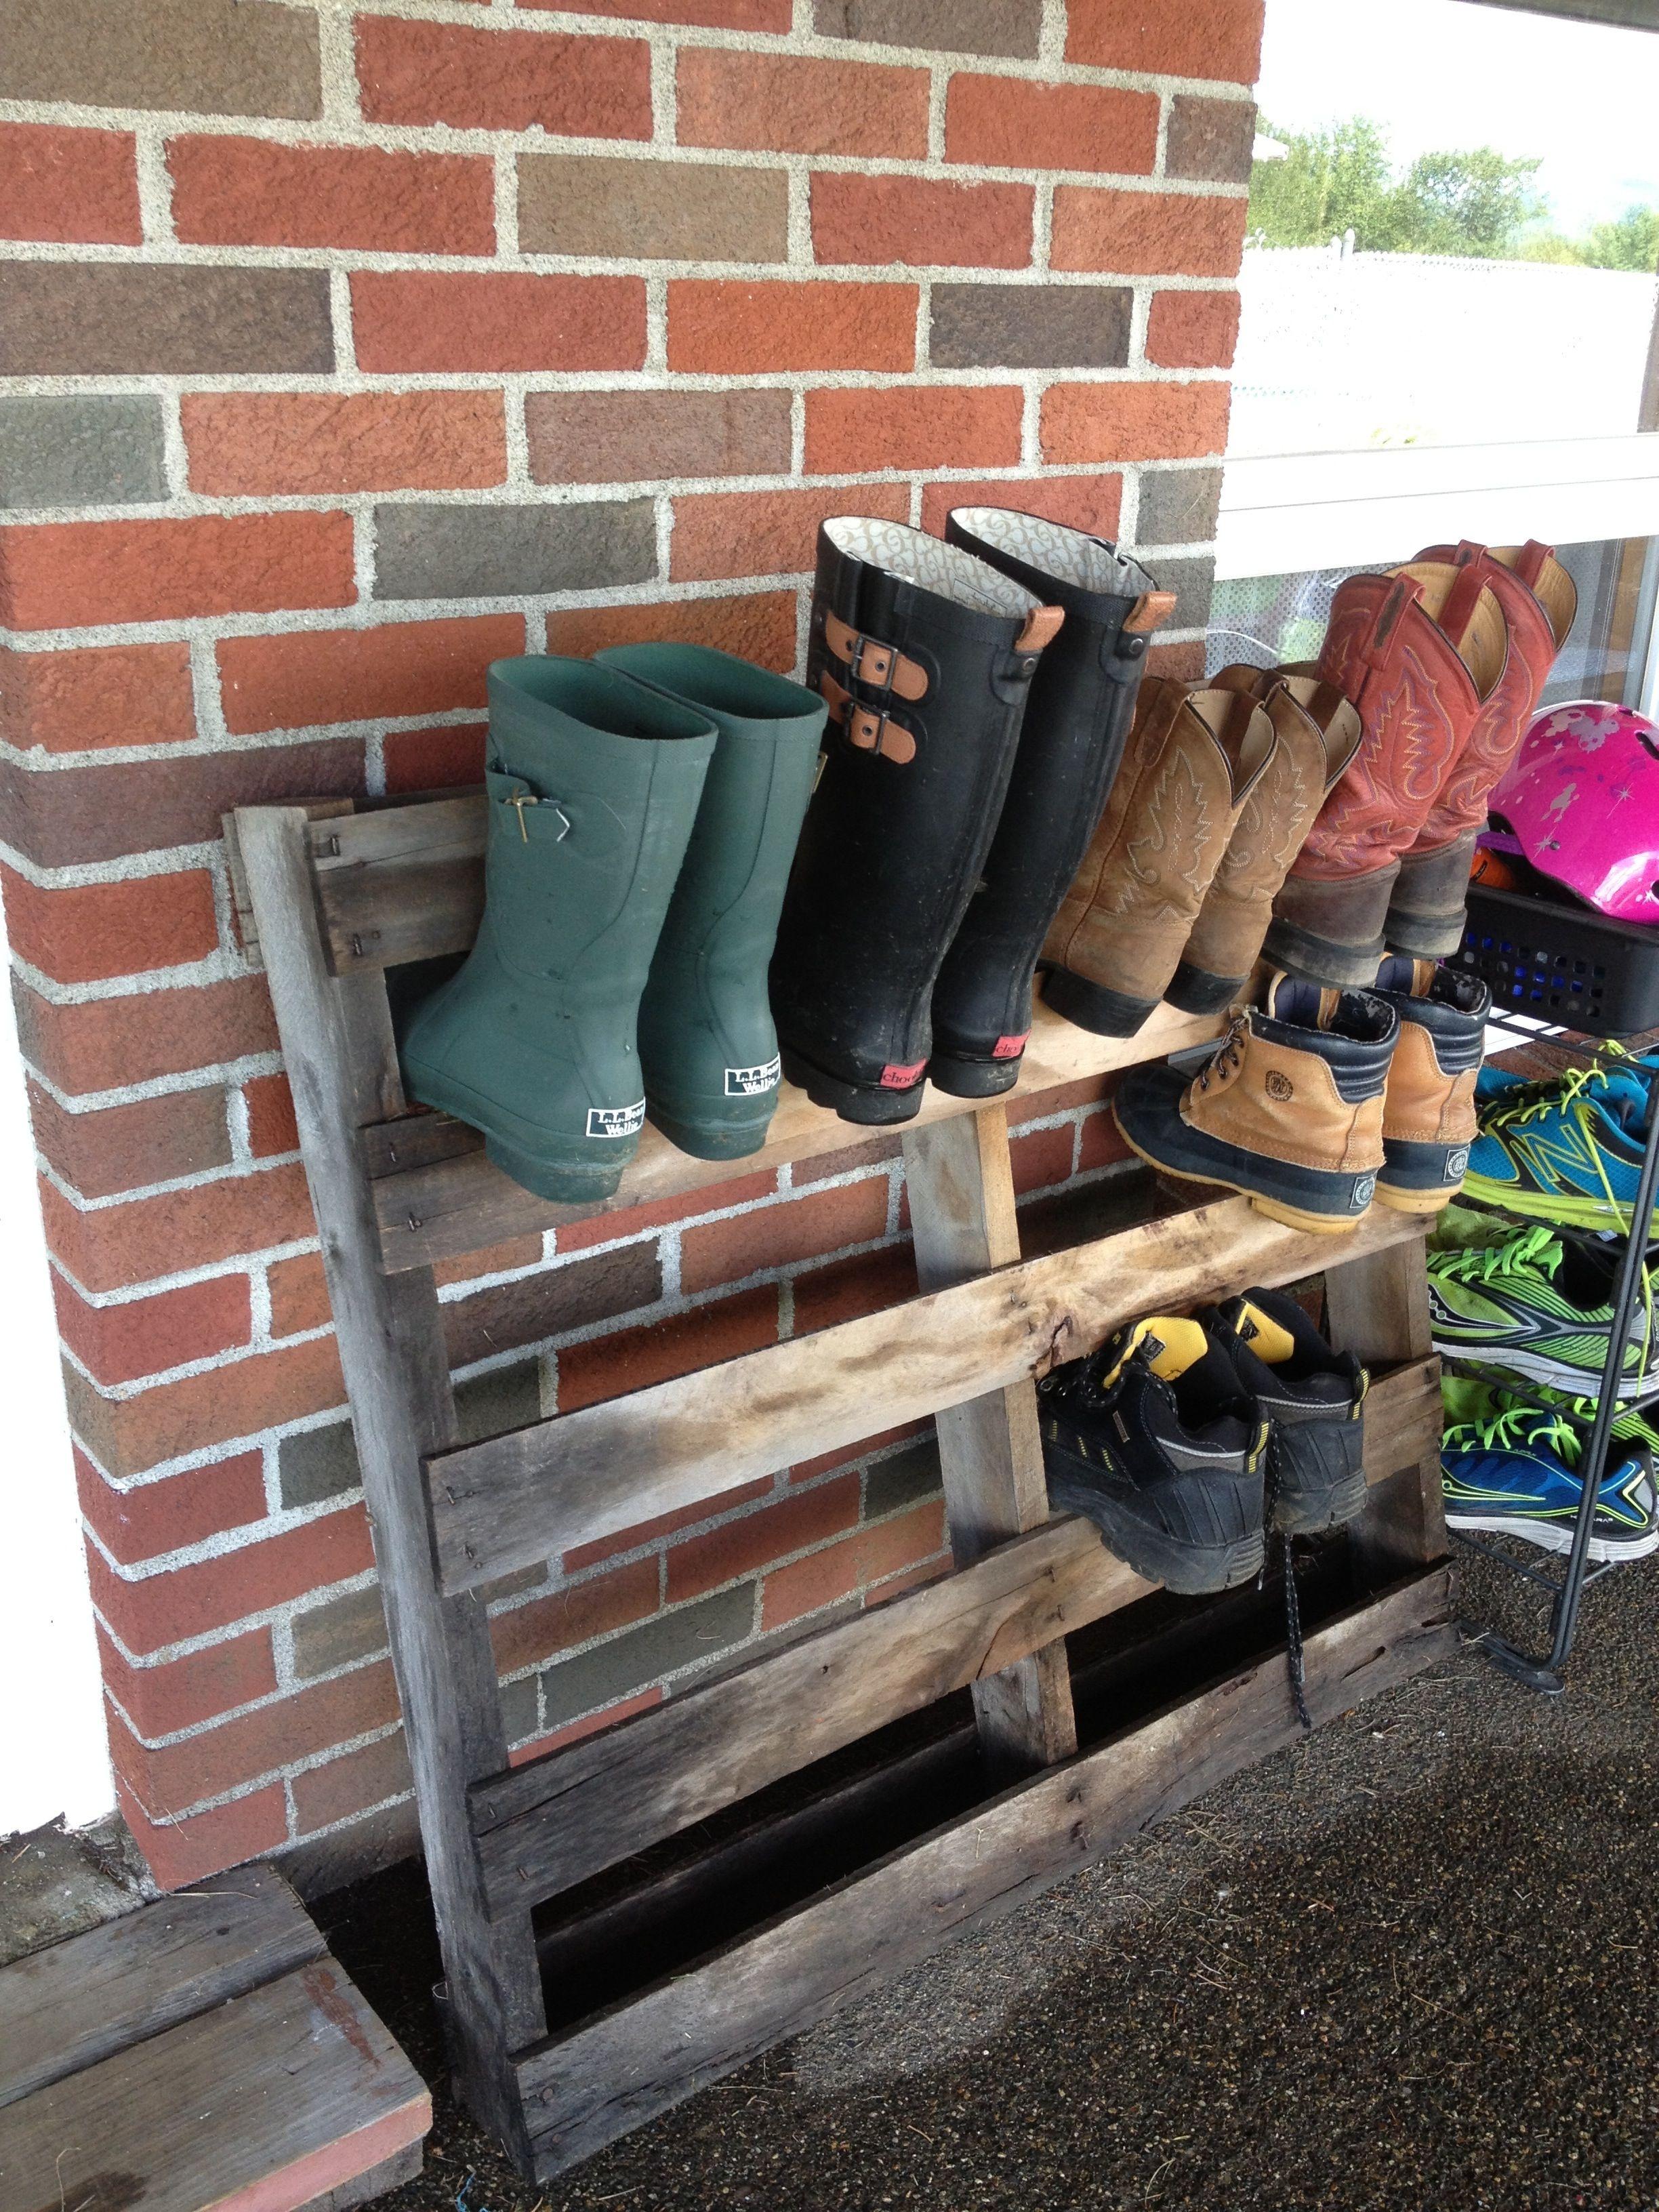 Boot Regale Flur Schuhaufbewahrung Schuh Boot Cabinet Tall Boot Lagerung Ideen Bett Boot Regal Schuhaufbewahrung Schuhablage